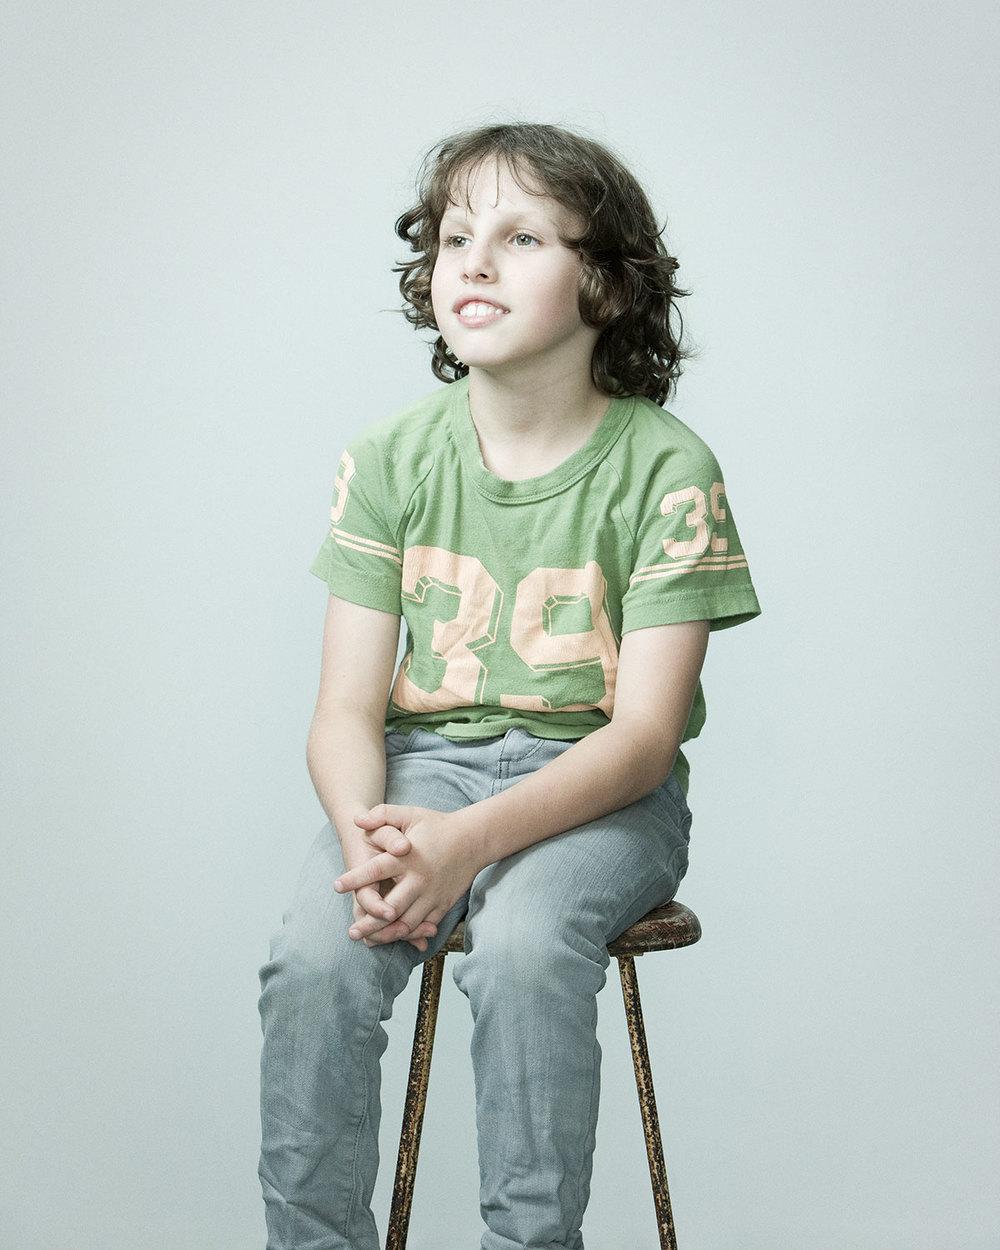 DM_090310_Frankie_Kids-176.jpg